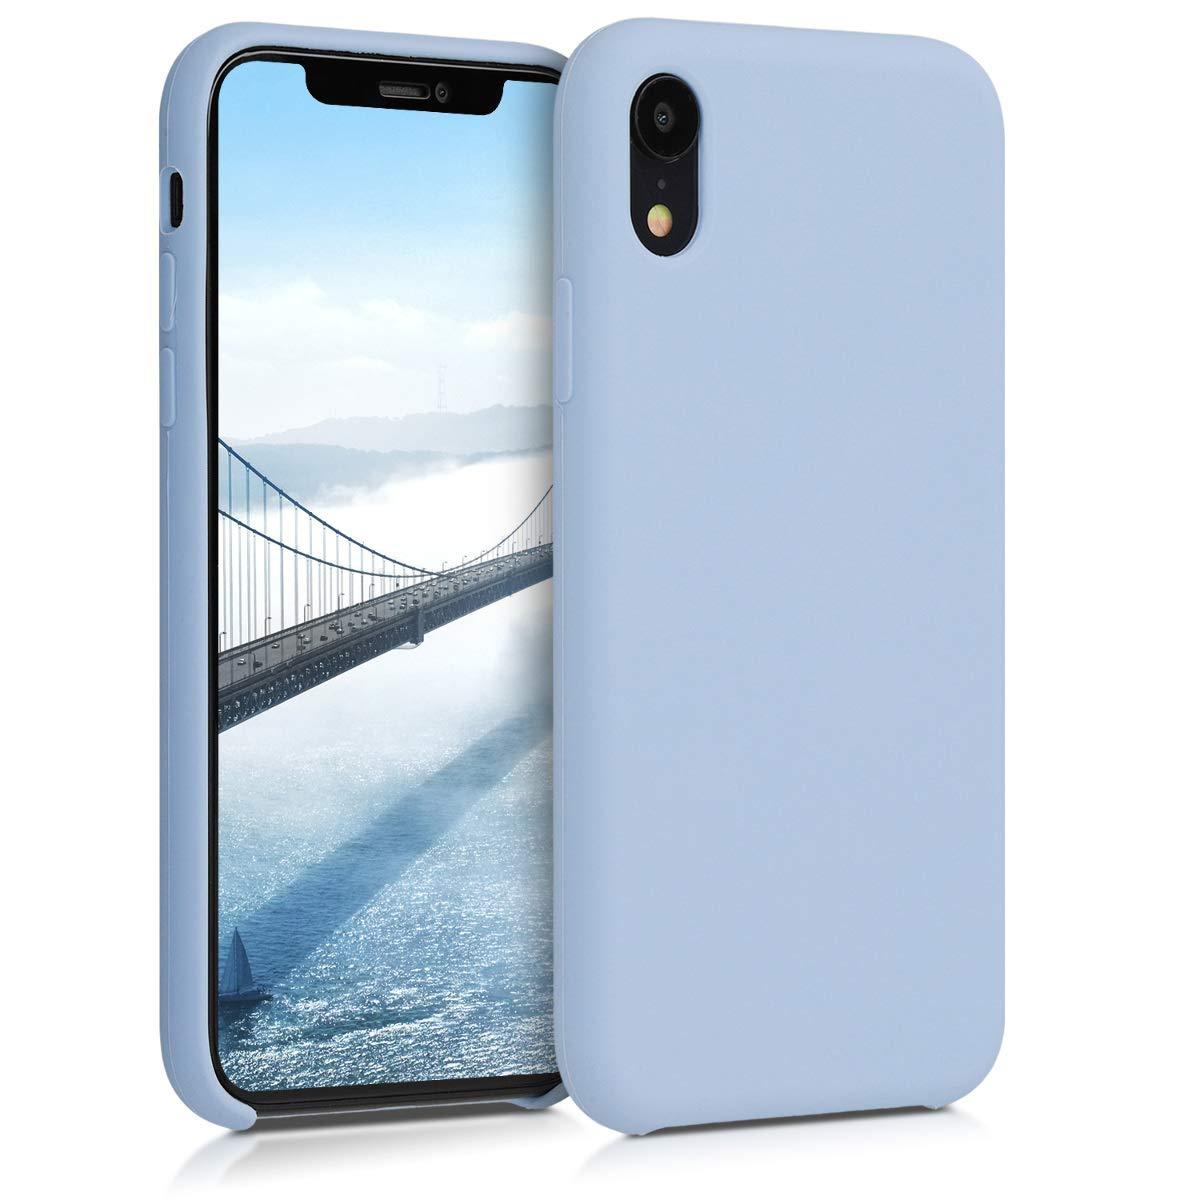 Funda para Iphone Xr KWMOBILE (7PY44V5G)